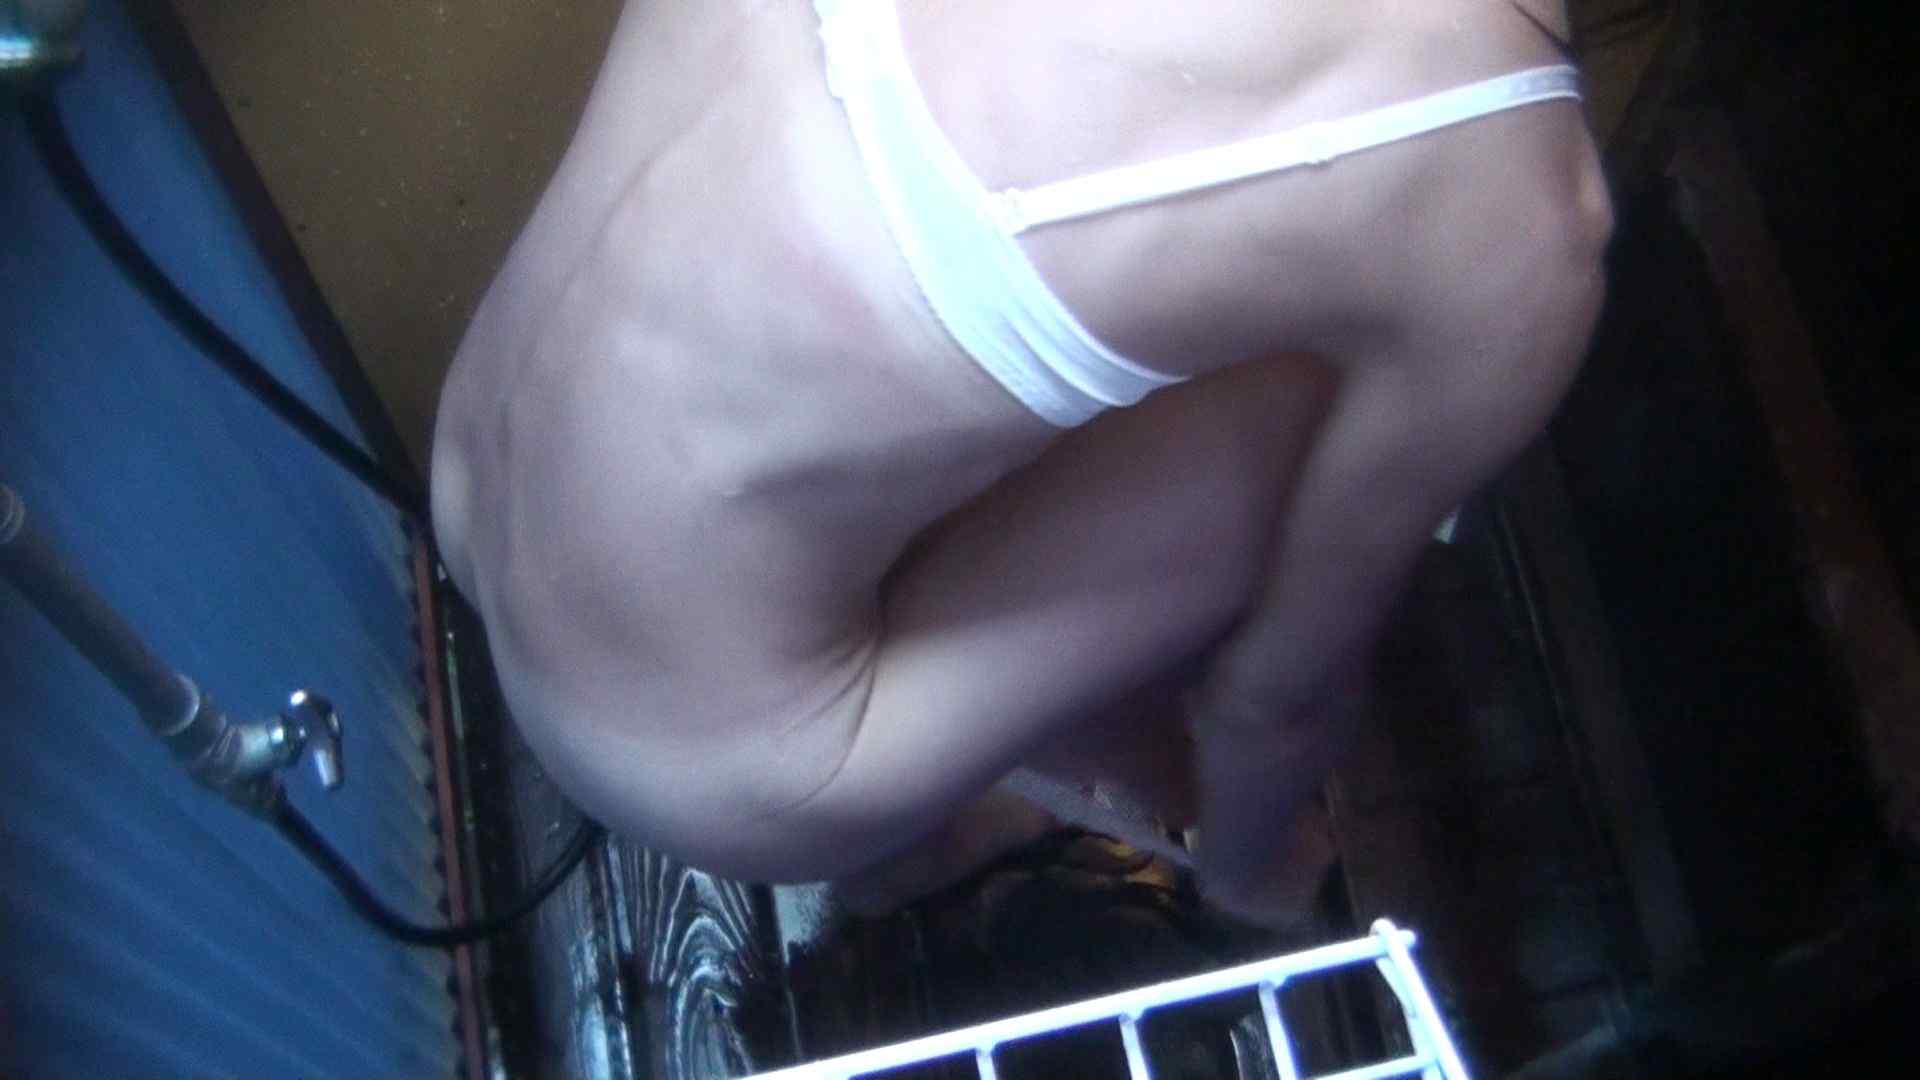 シャワールームは超!!危険な香りVol.7 細くて胸もぺったんこ!かなり可愛いです!! OLすけべ画像   高画質  86連発 7